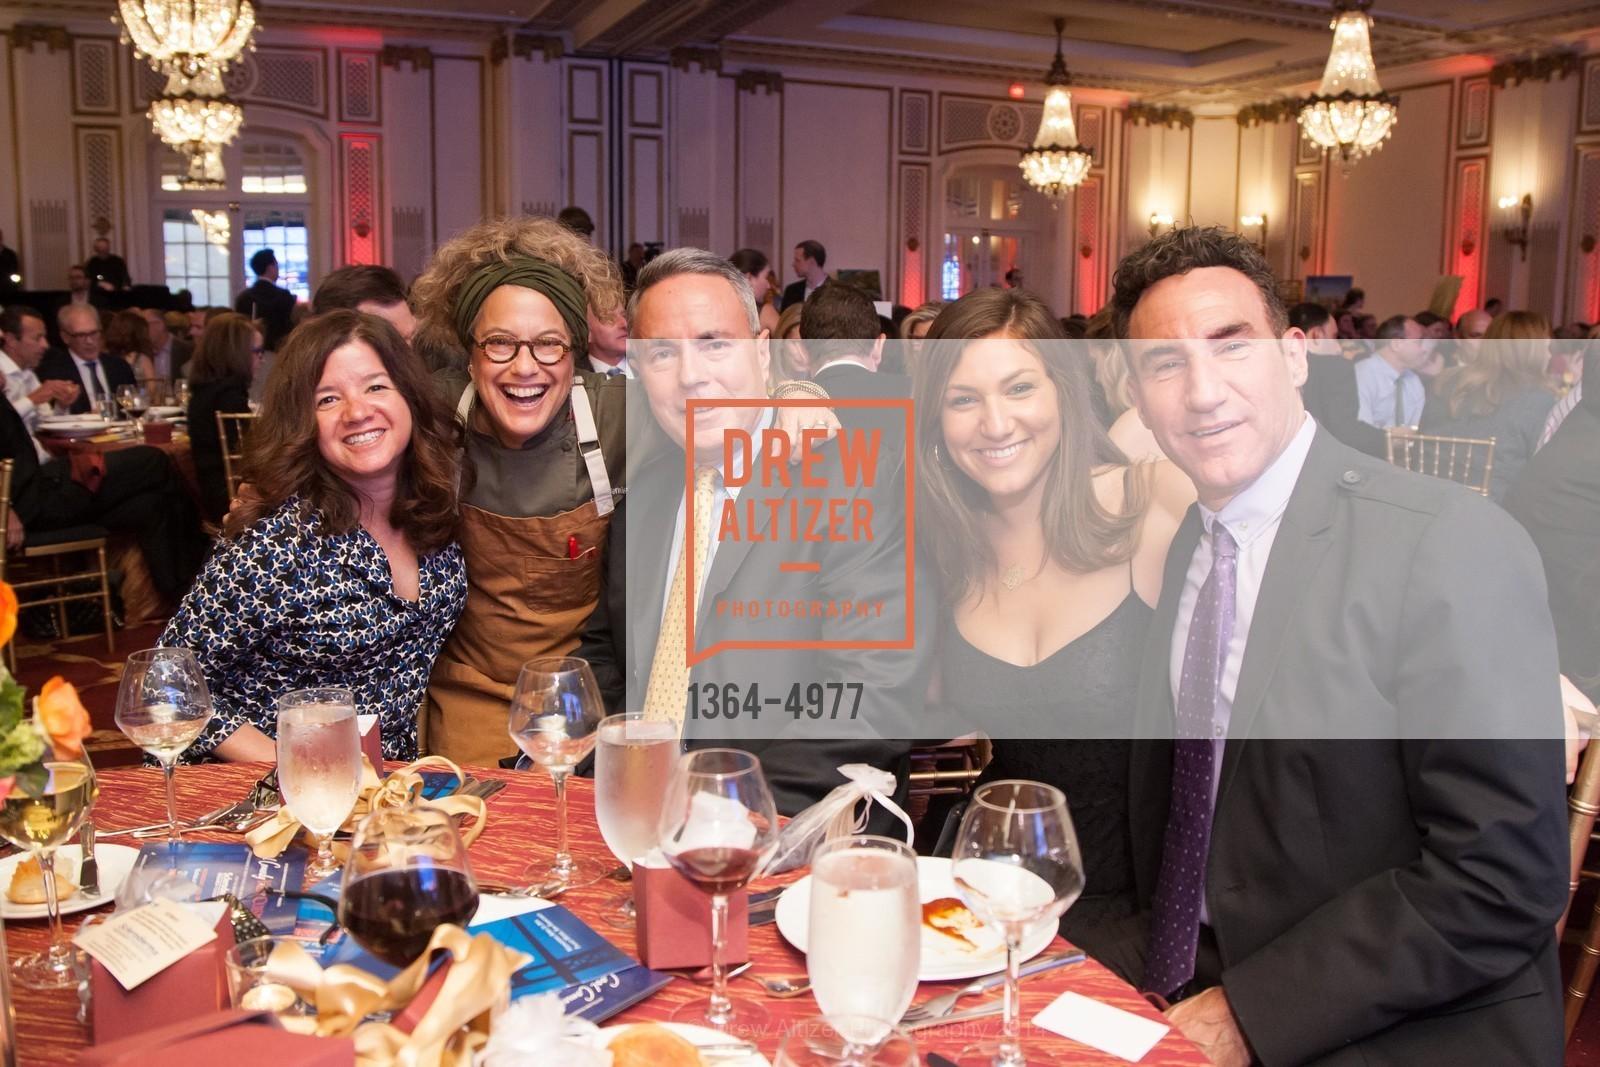 Allison Saget, Susan Feniger, Tony Giannini, Madison Stein, Craig Stein, Photo #1364-4977